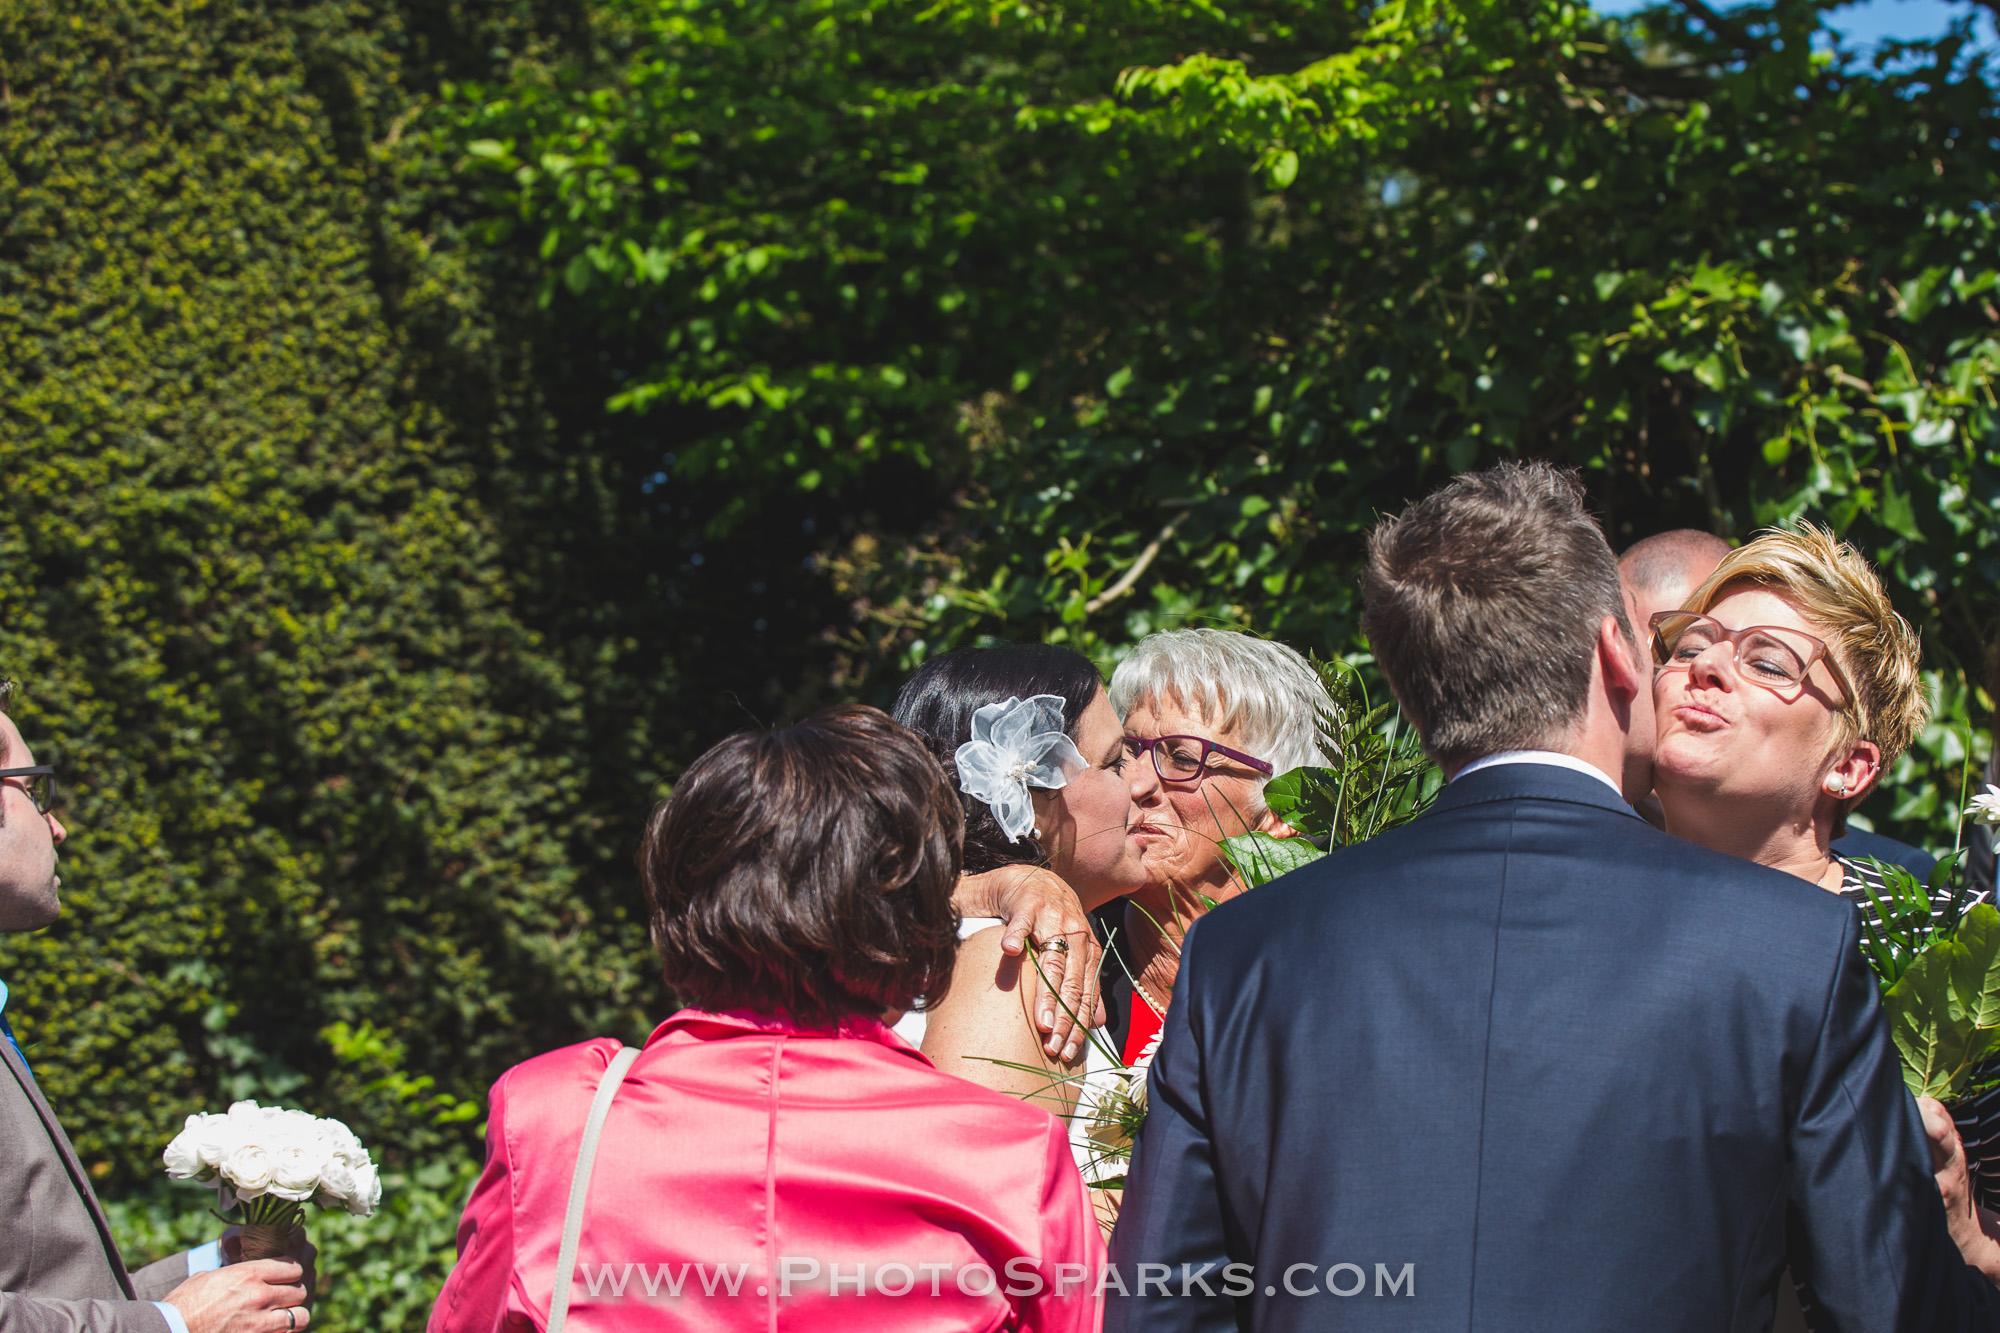 20160507-PhotoSparks-418